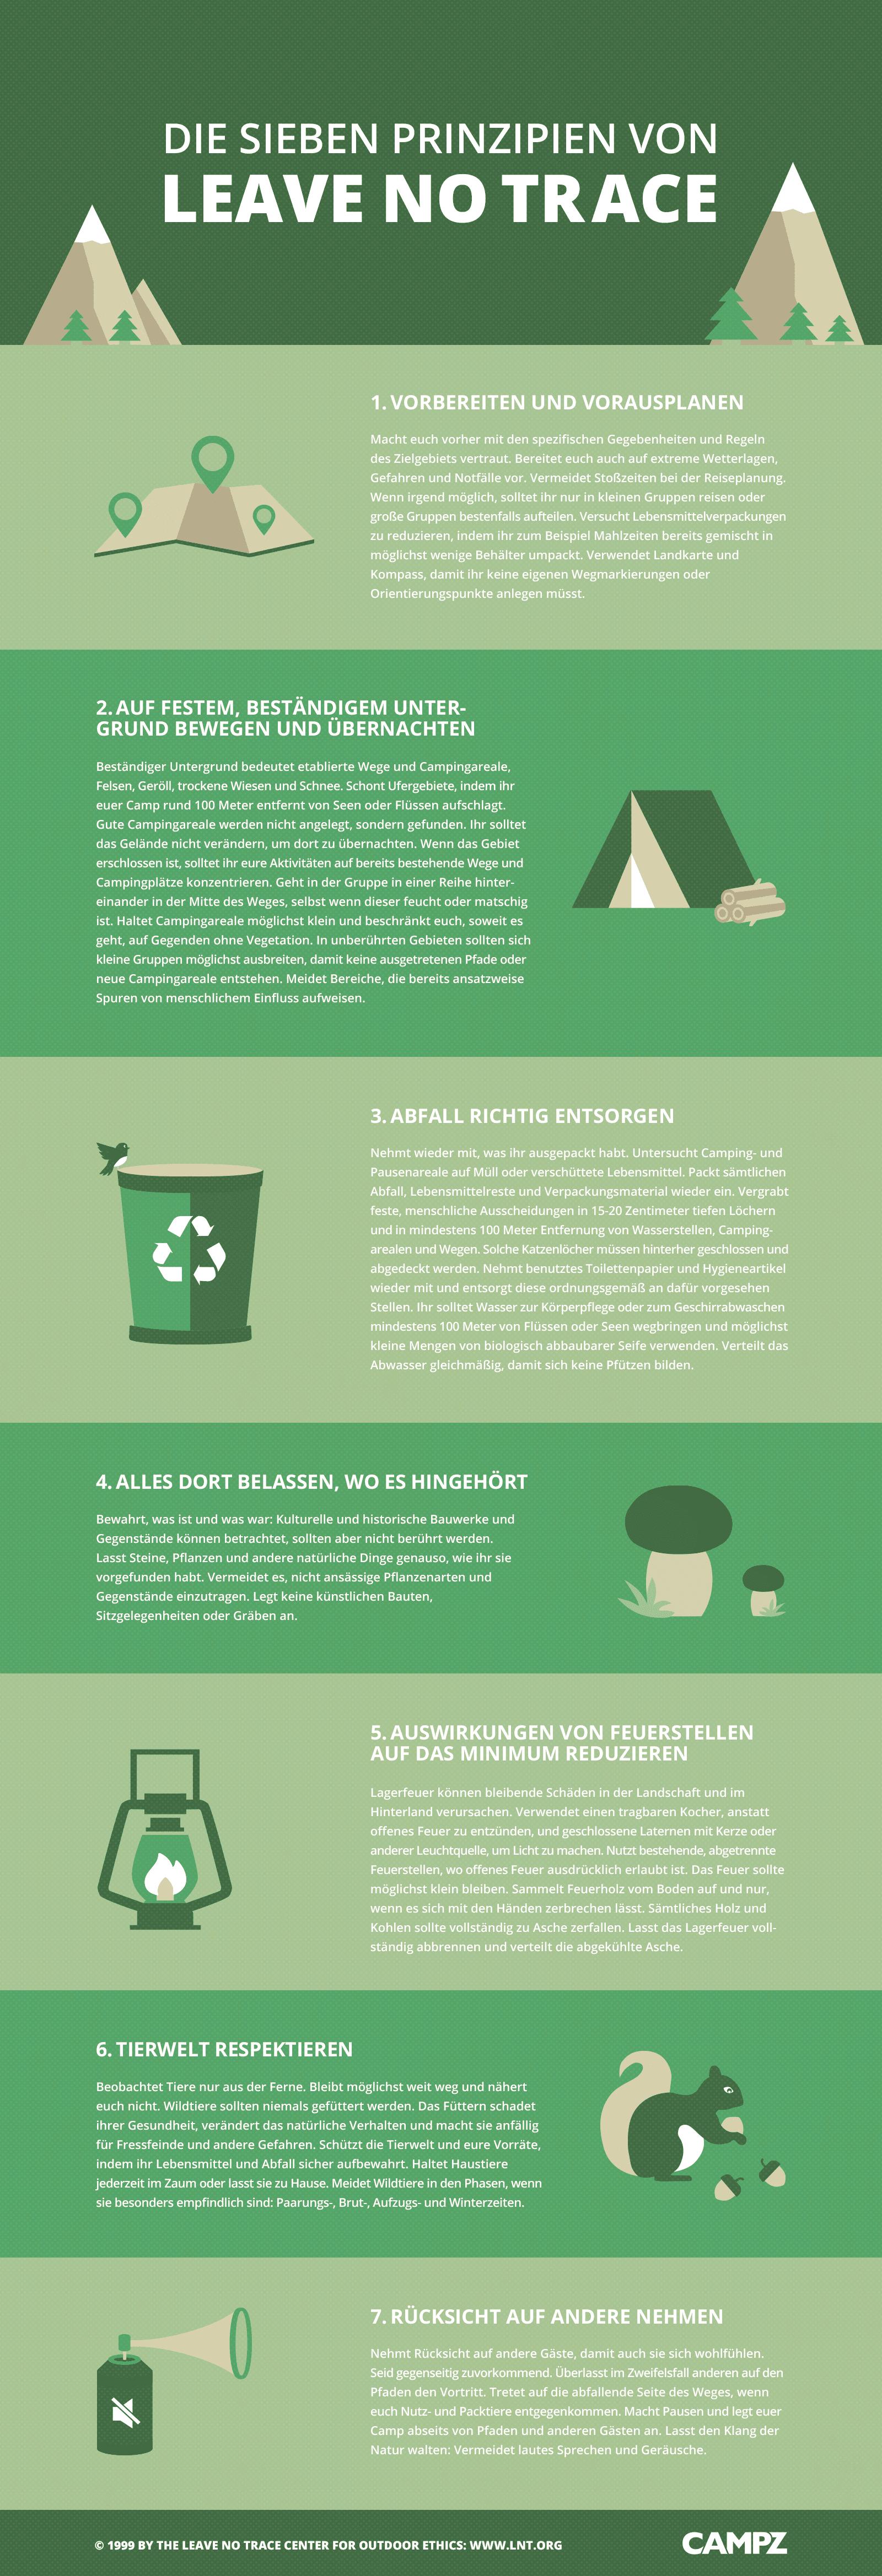 Leave no trace Prinzipien erklärt: Infografik